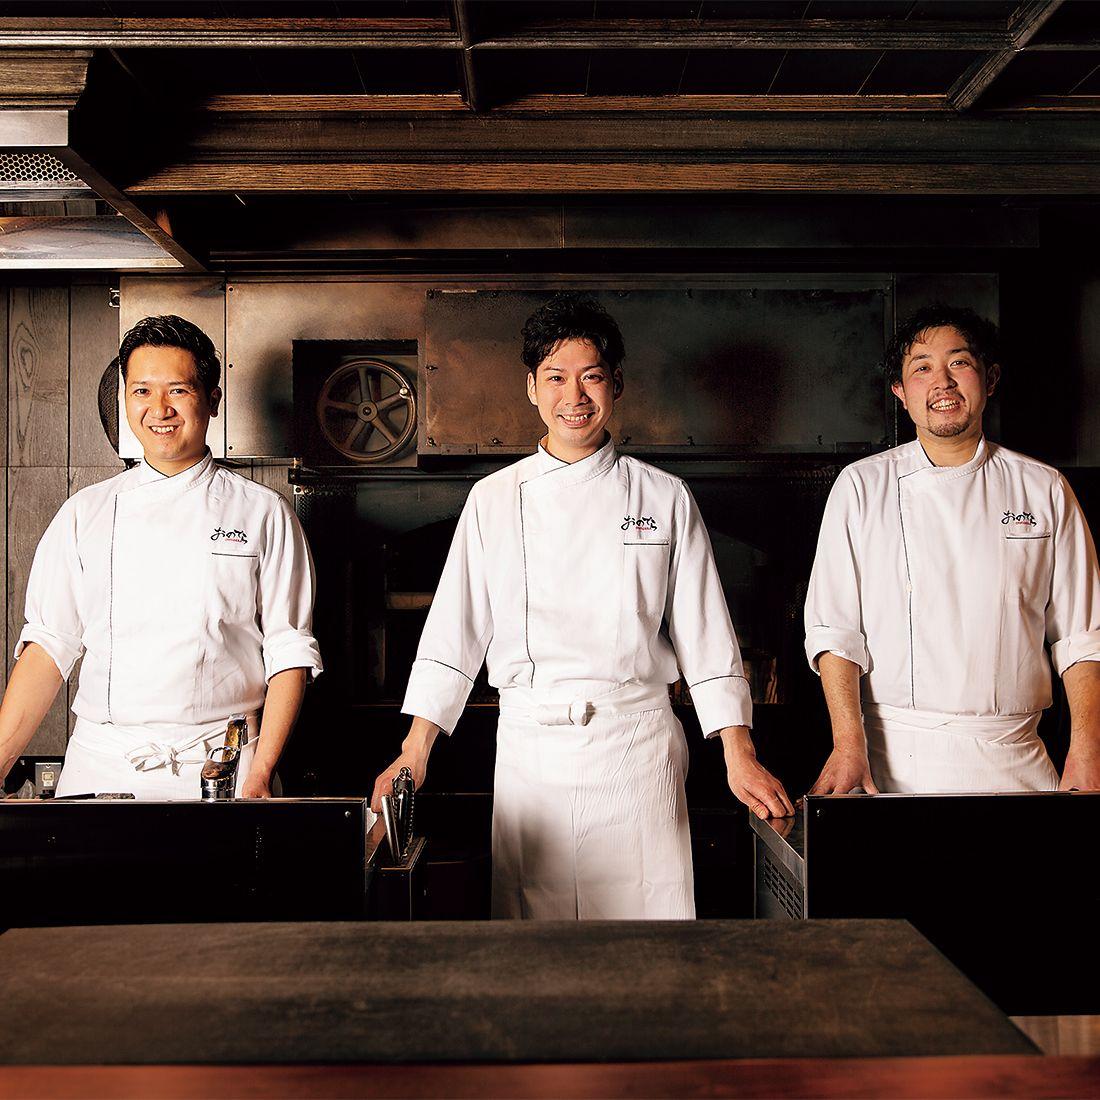 調理長の寺田惠一さん(中央)、安達直生さん(左)と竹澤 希さん(右)。